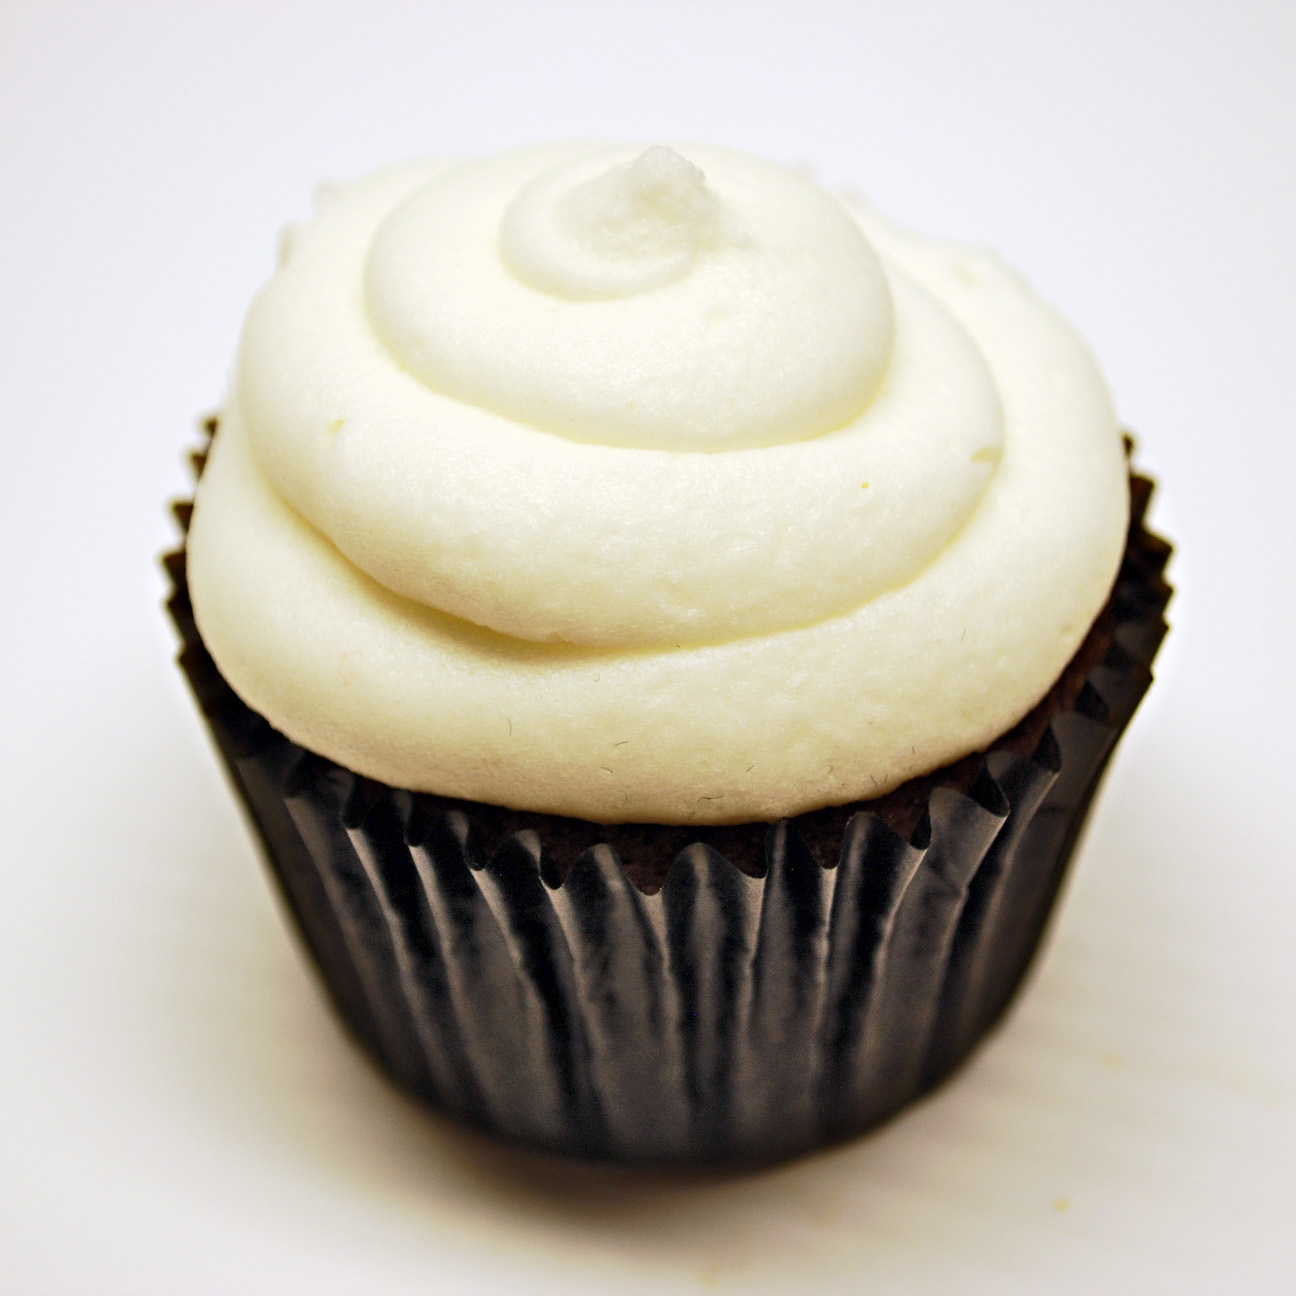 paleo vegan chocolate cupcakes